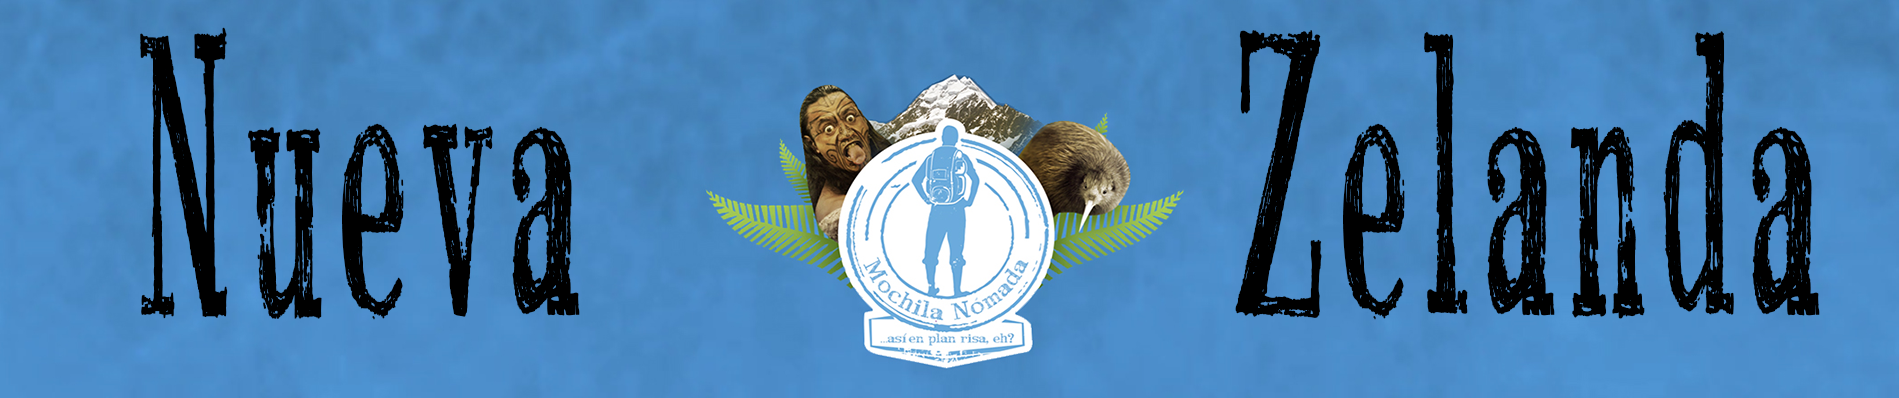 nueva-zelanda-blog